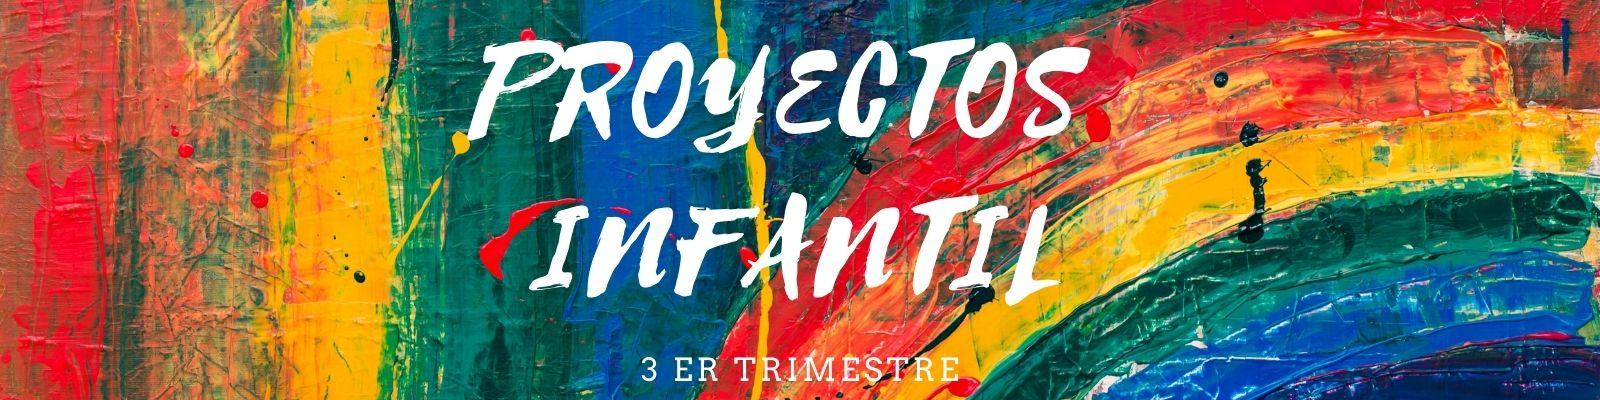 Proyectos Infantil 3er trimestre